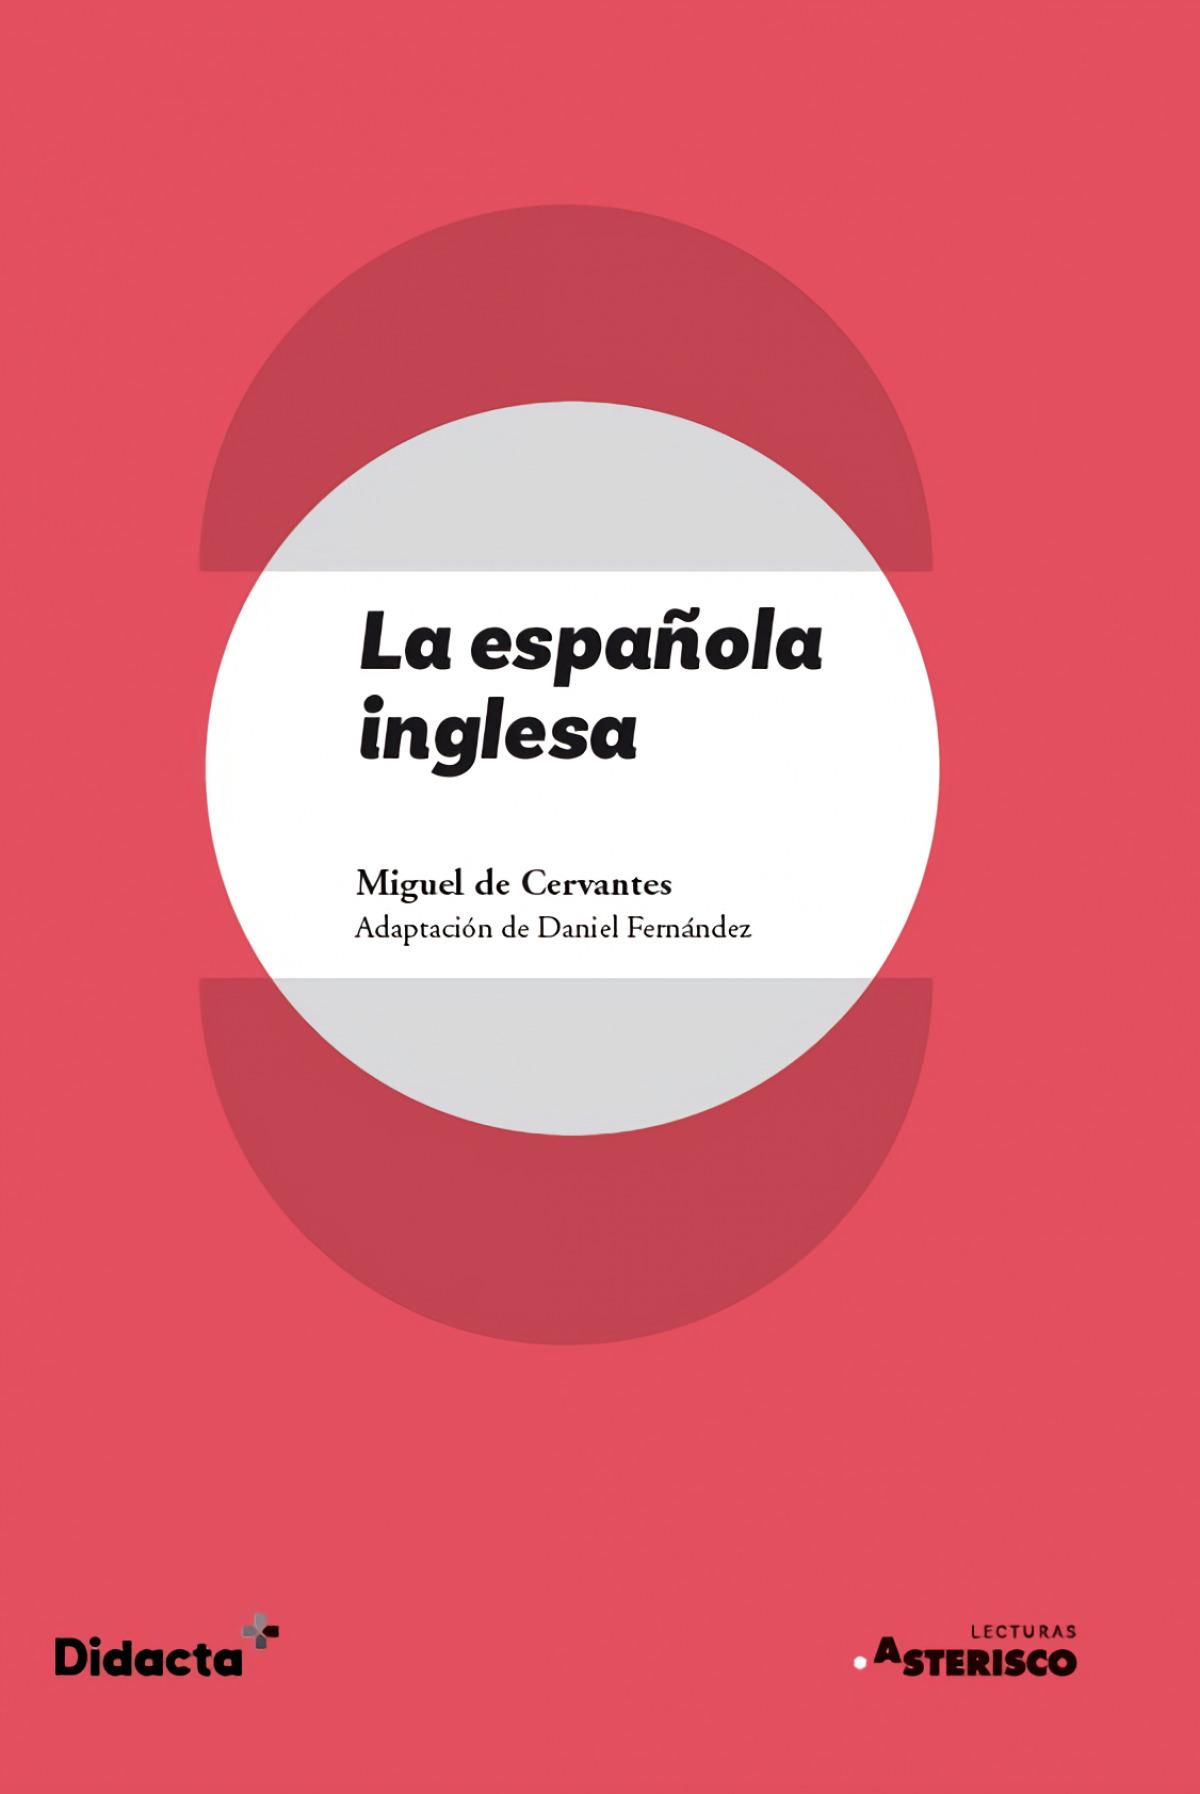 La española inglesa (Asterisco) (nueva edición 2021)